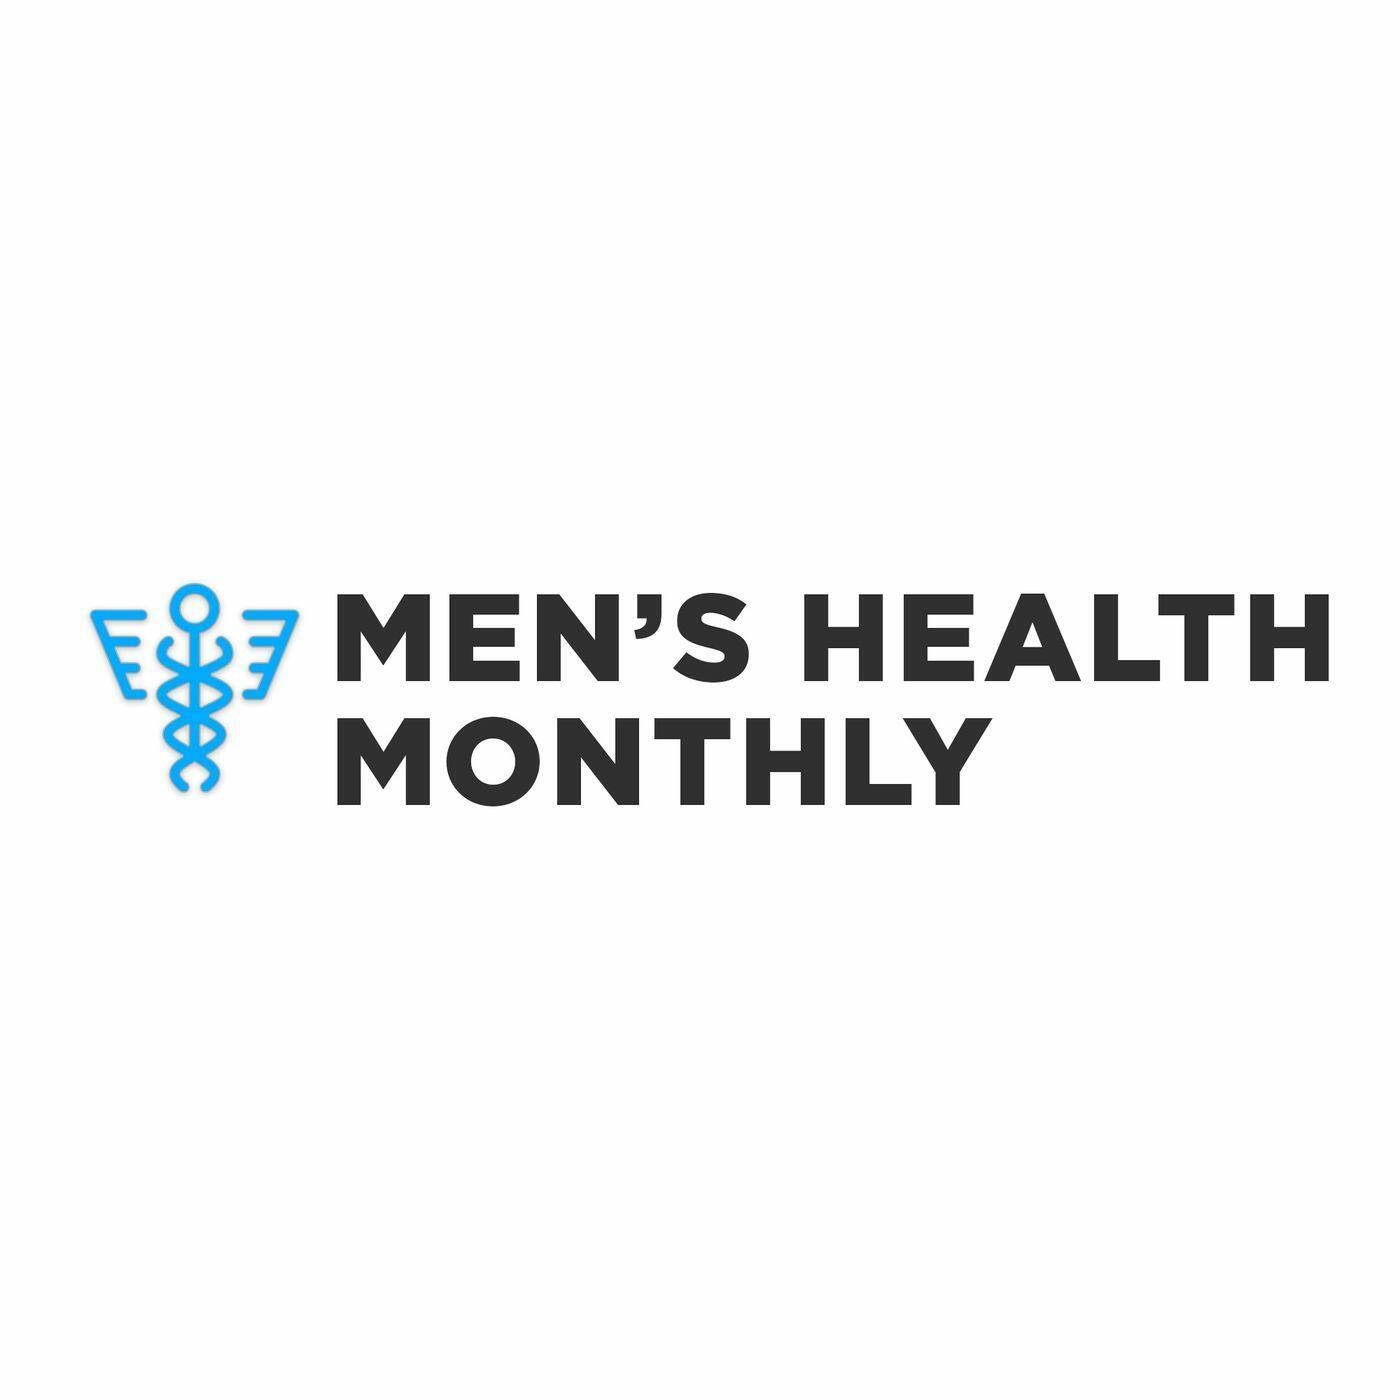 Men's Health Monthly